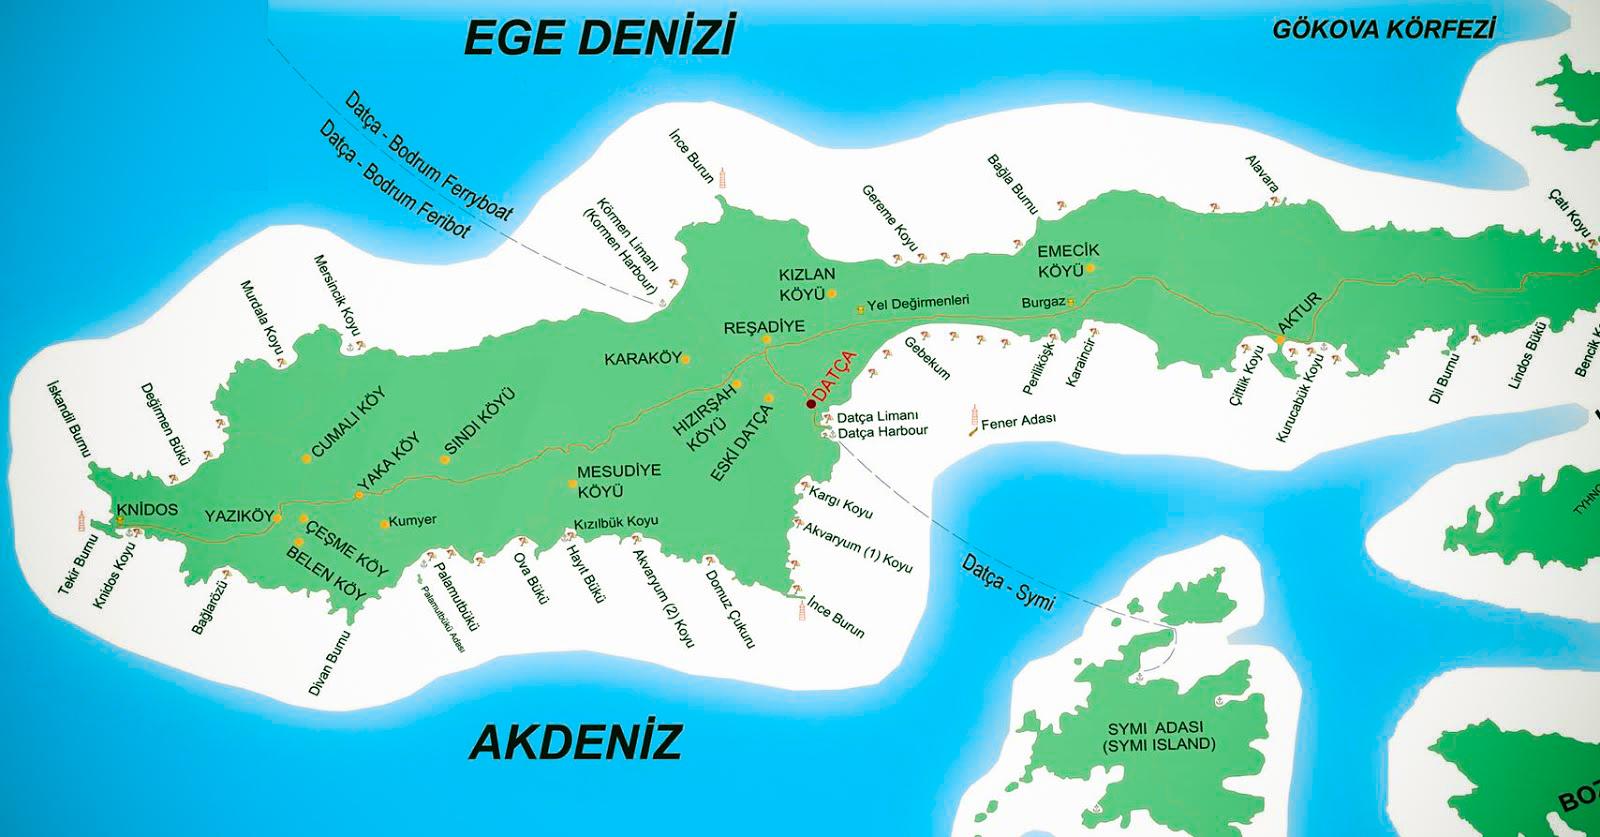 Datca-Haritasi